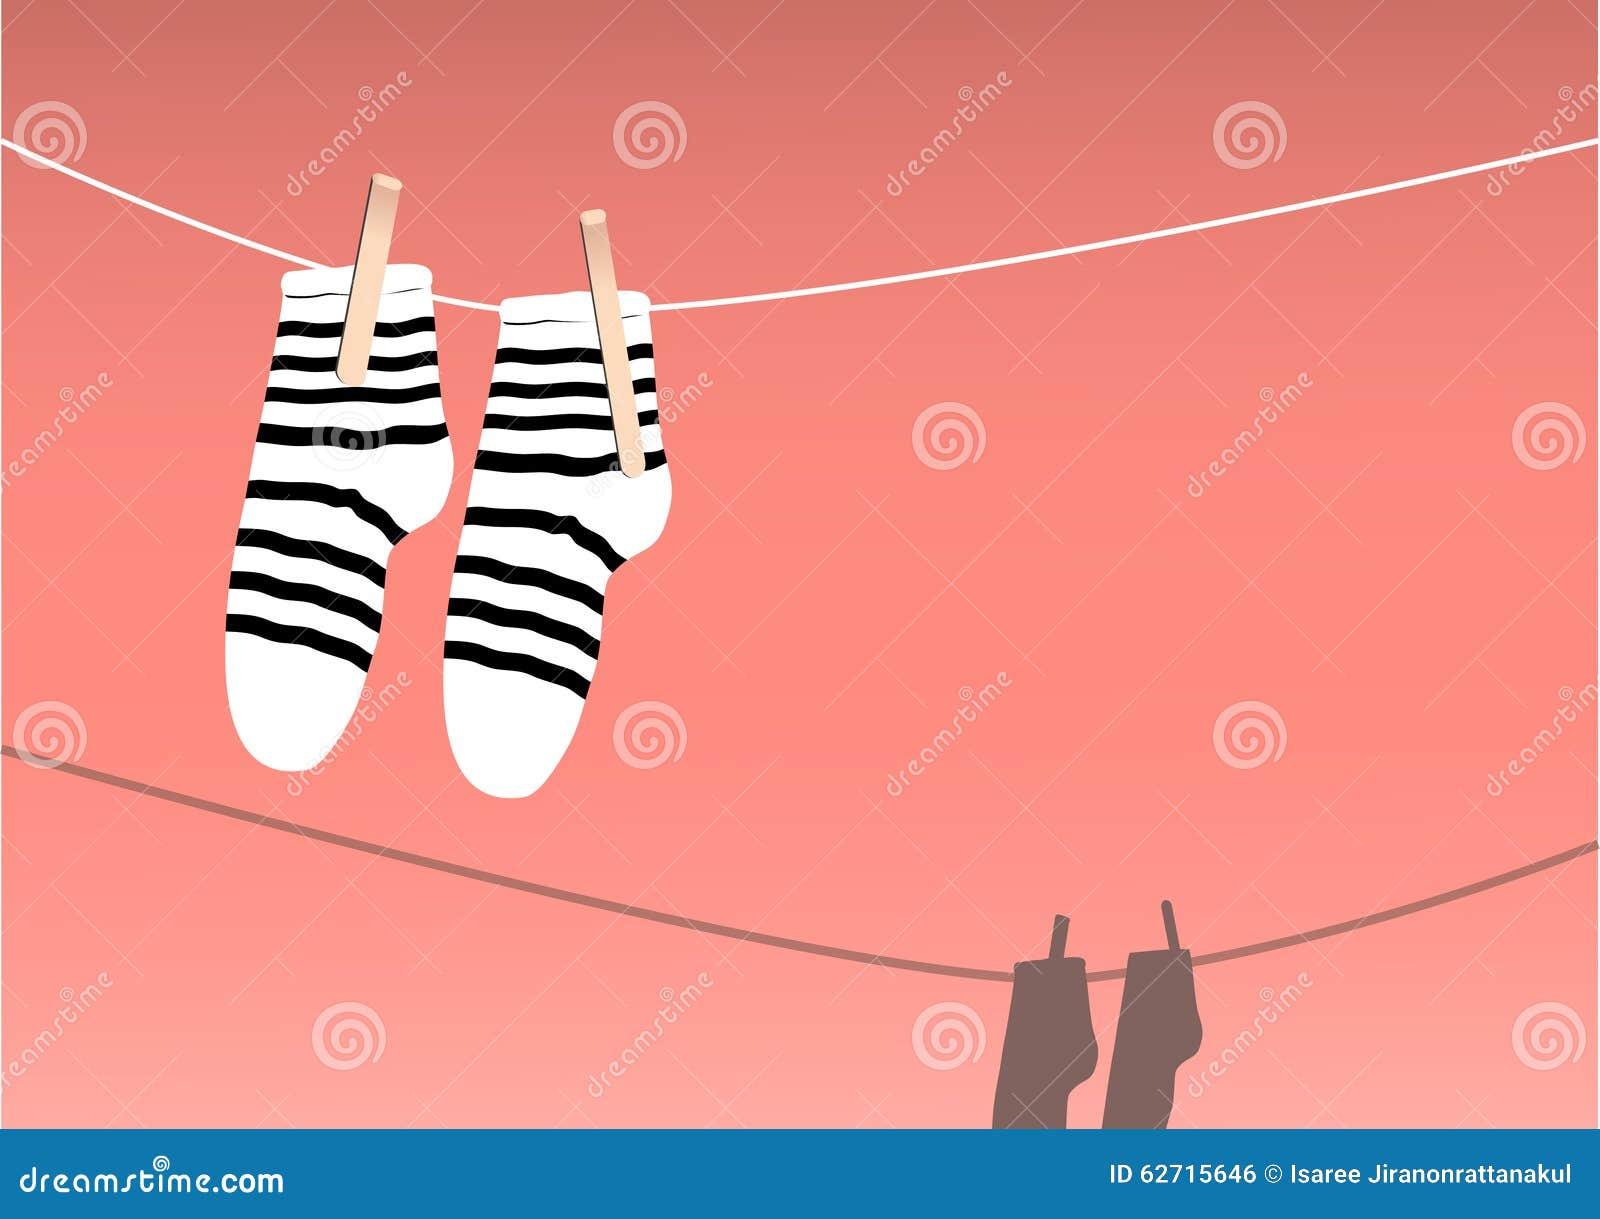 Κάλτσες που ξεραίνουν σε μια σειρά, ημέρα πλυντηρίων, απεικόνιση